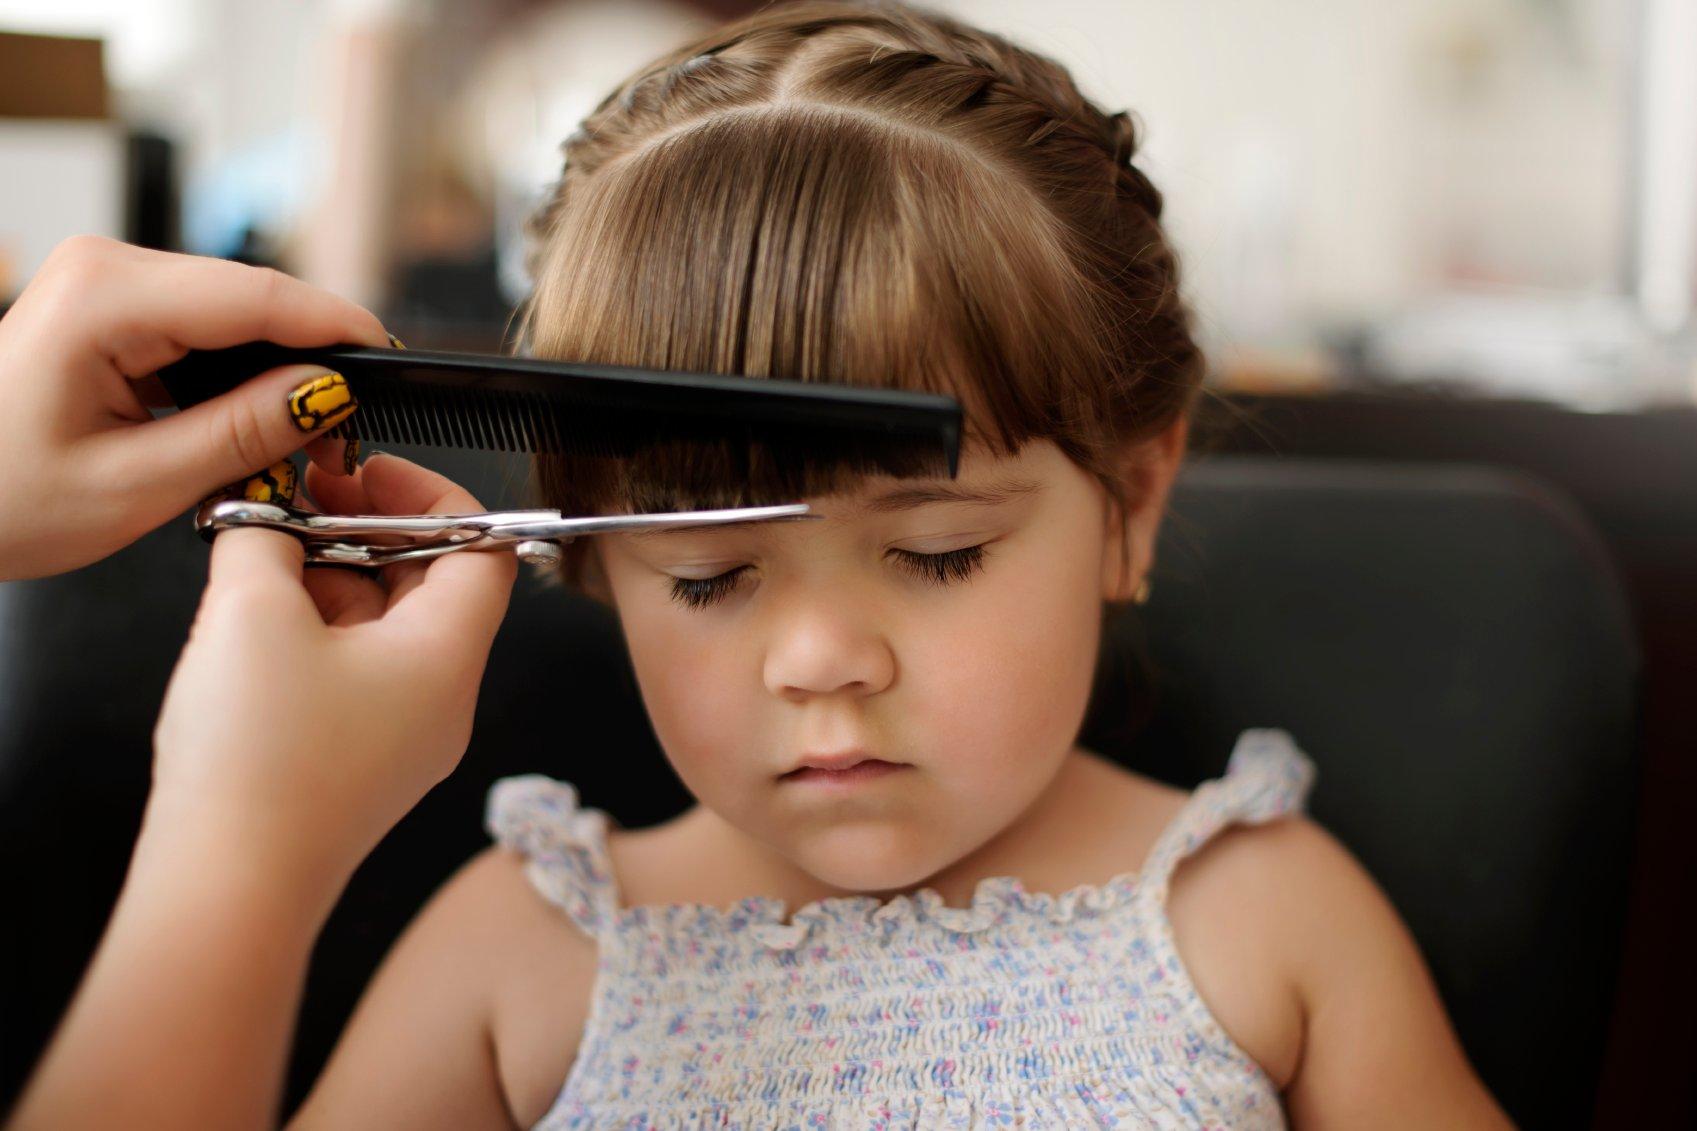 هل حلق رأسك الطفل يعزز من نمو شعره